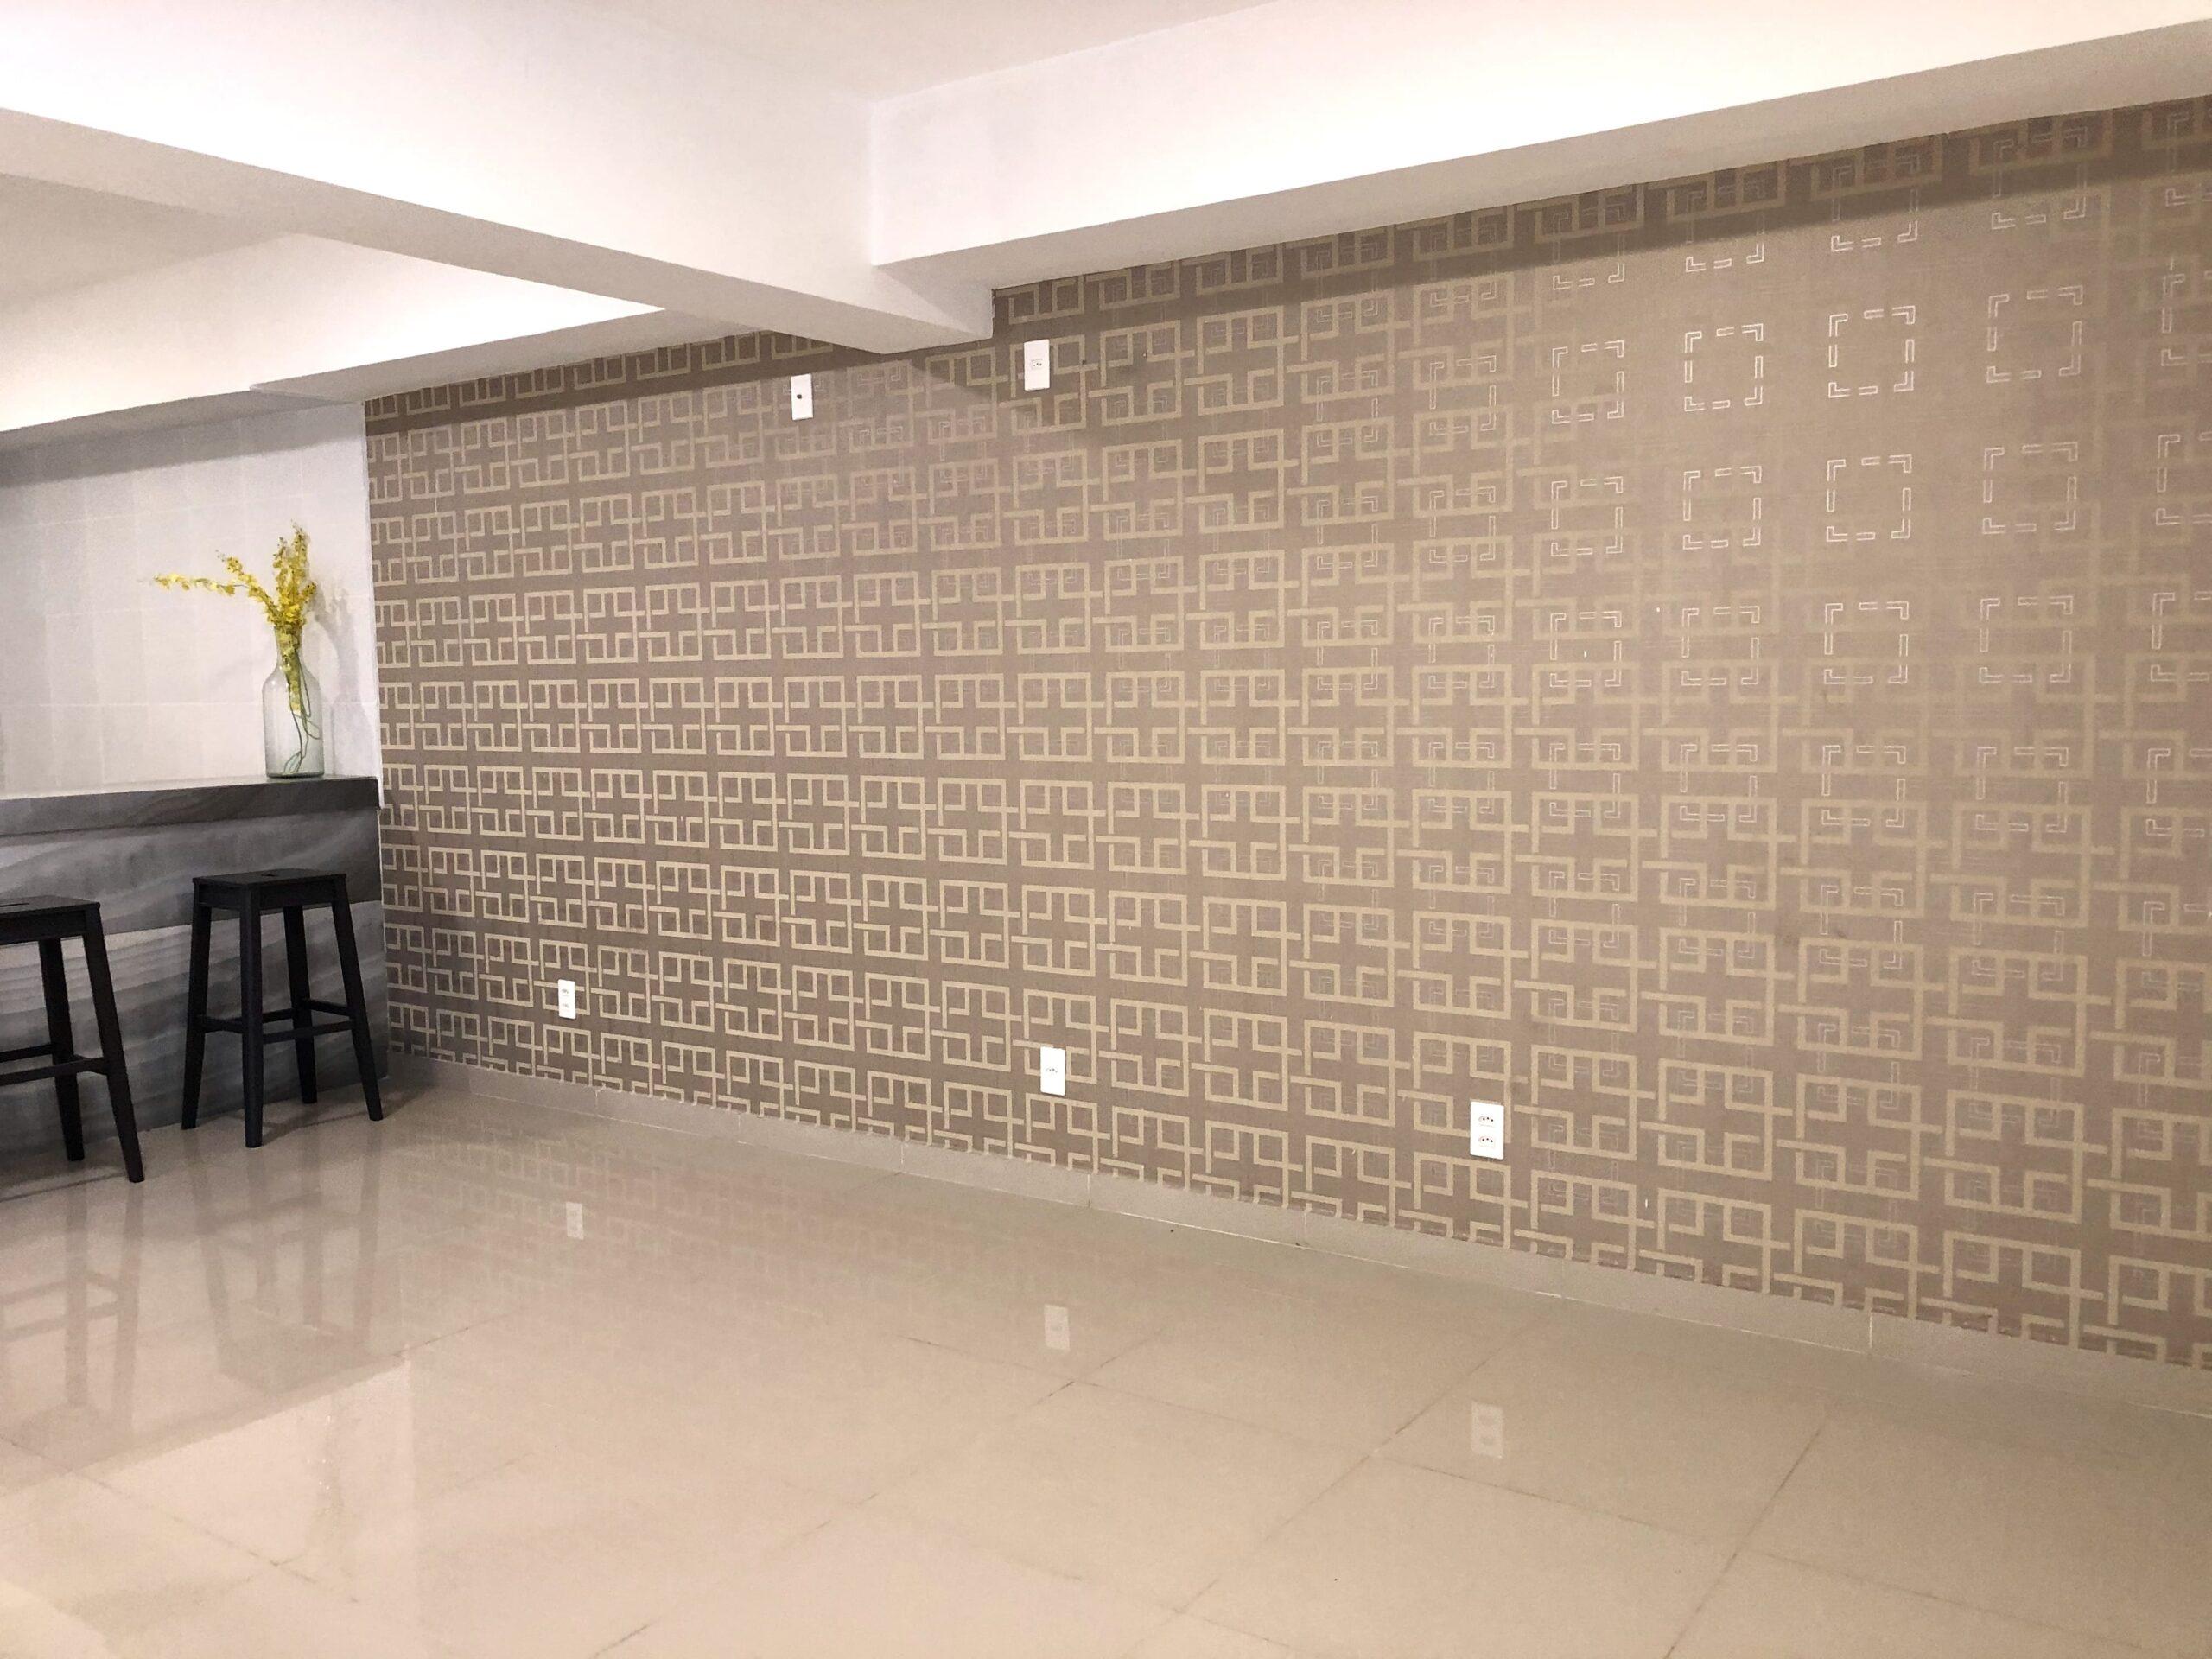 15 Apartamento para venda no Edifício Recanto das Palmeiras Teresina,3 Quartos, sendo 1 suíte, banheiro social, 1 vaga, piso em porcelanato